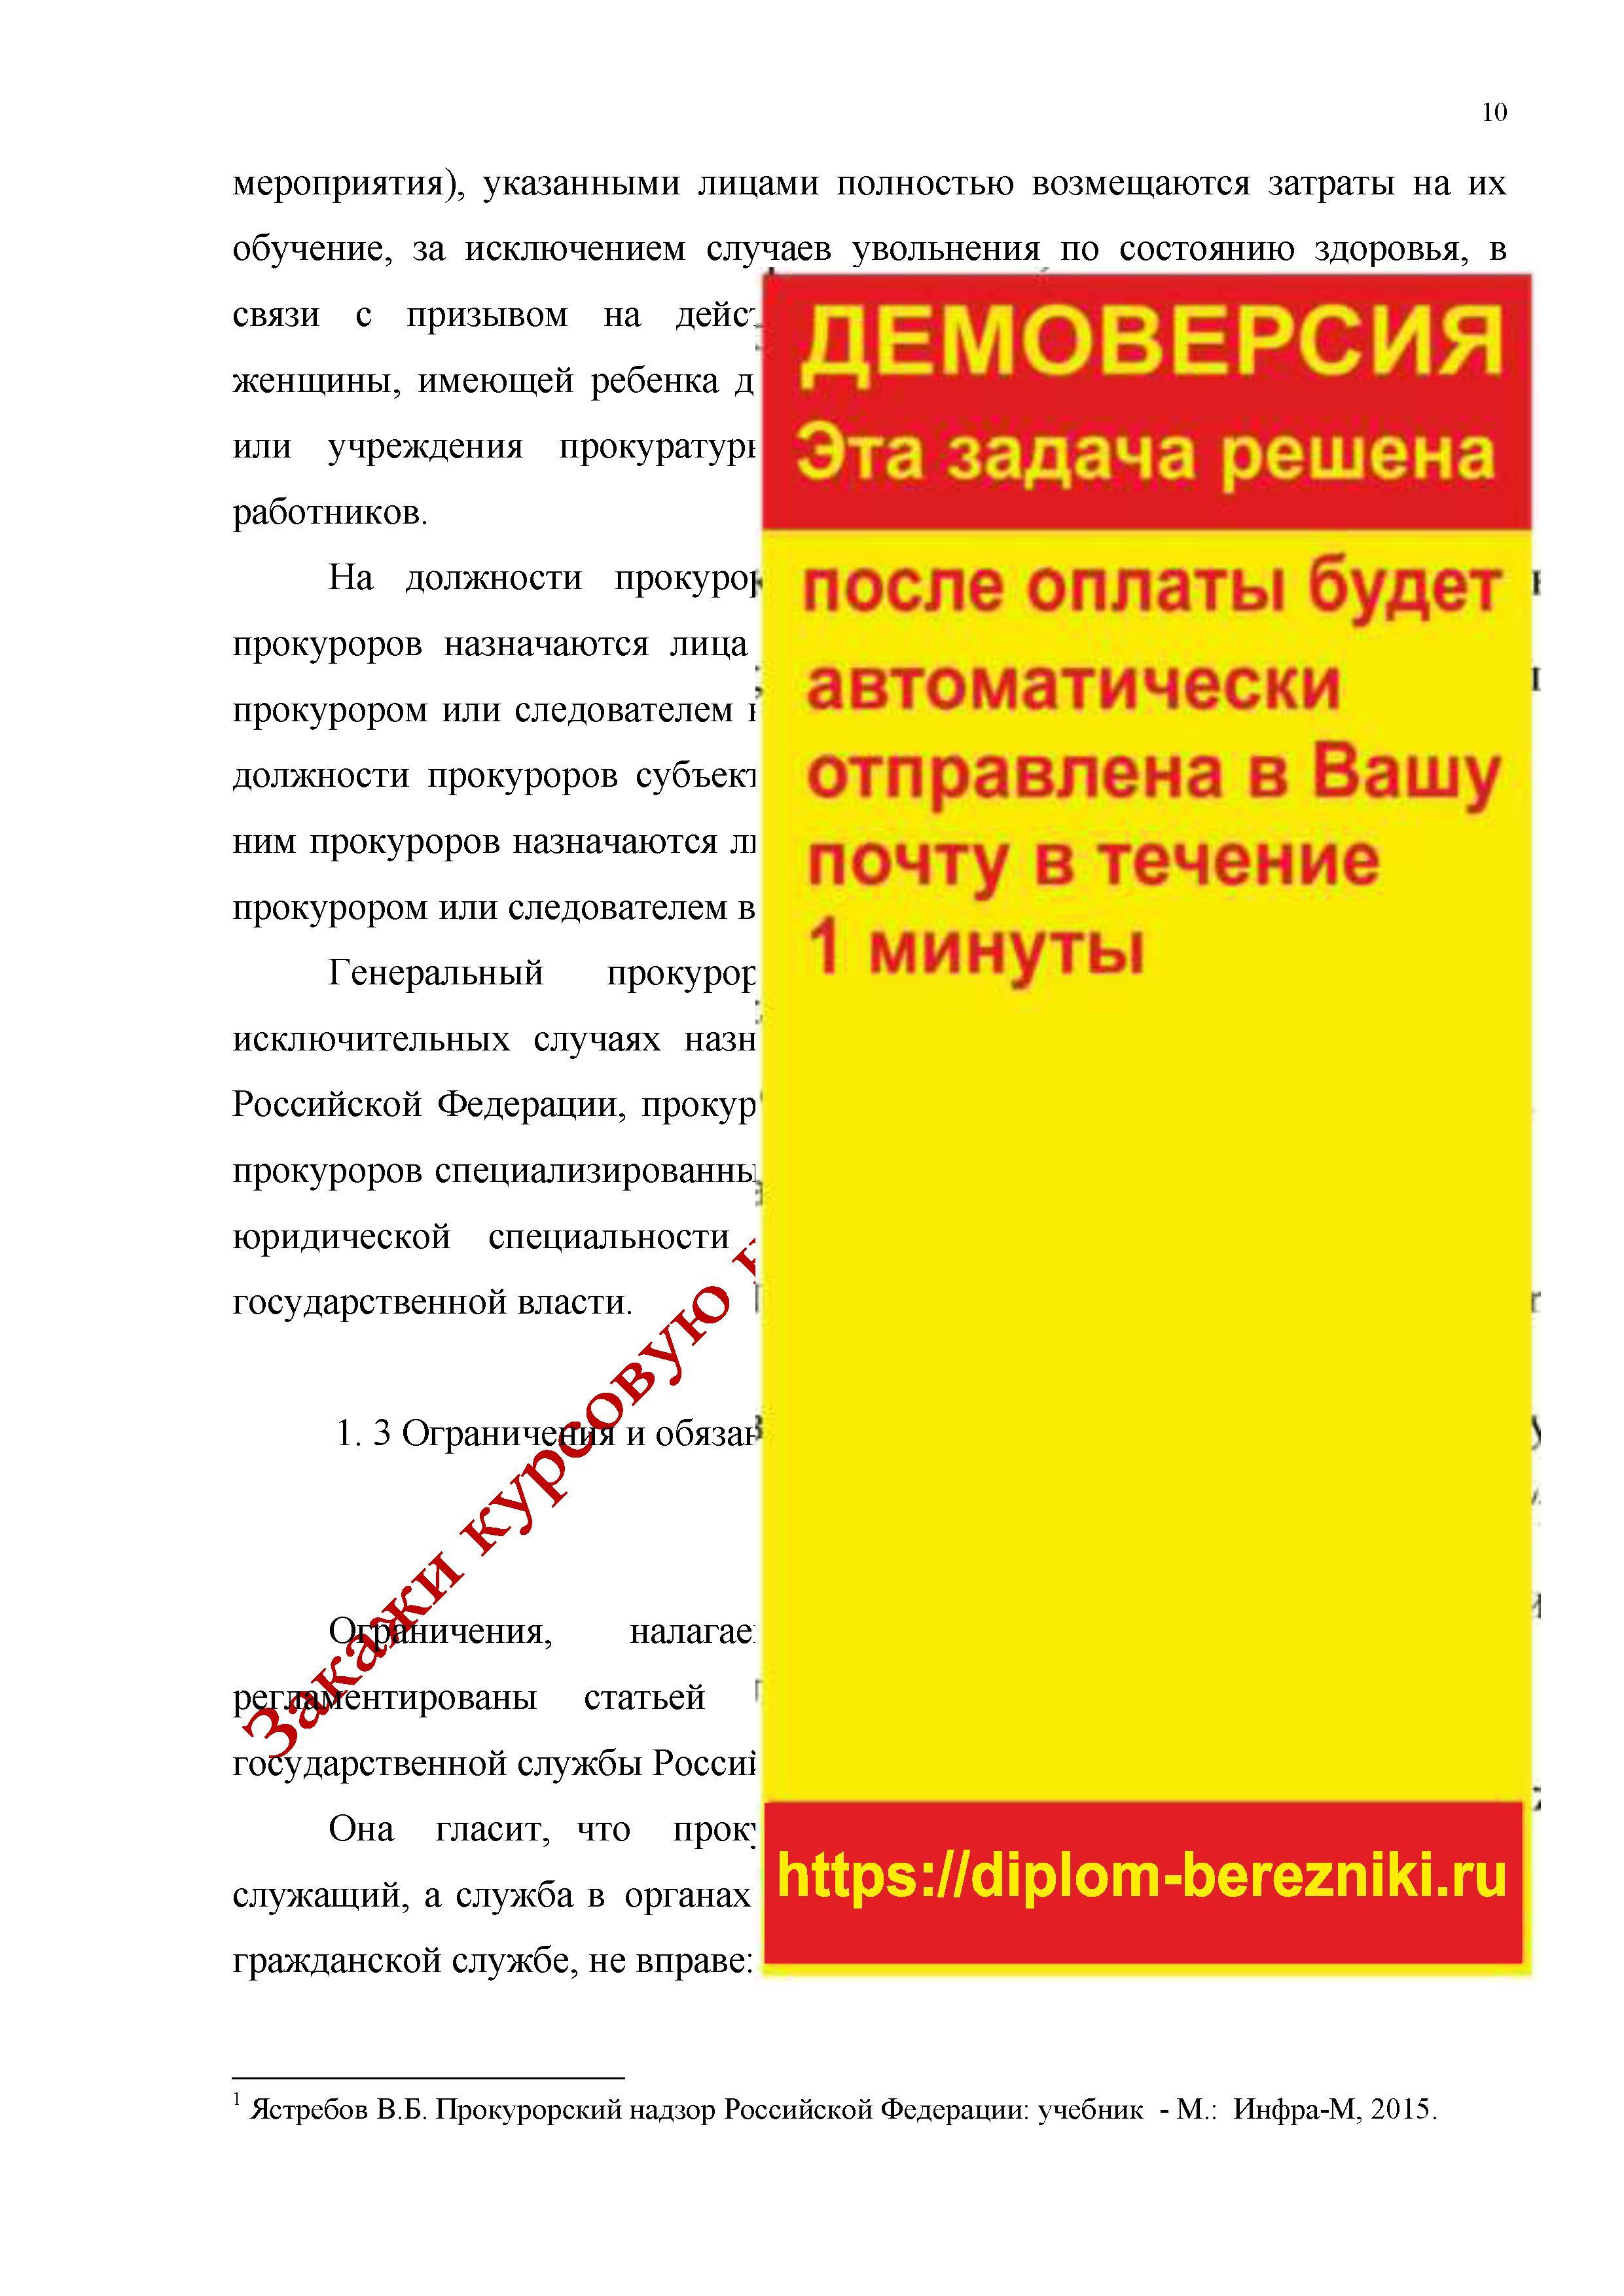 Порядок привлечения работников прокуратуры к дисциплинарной ответственности